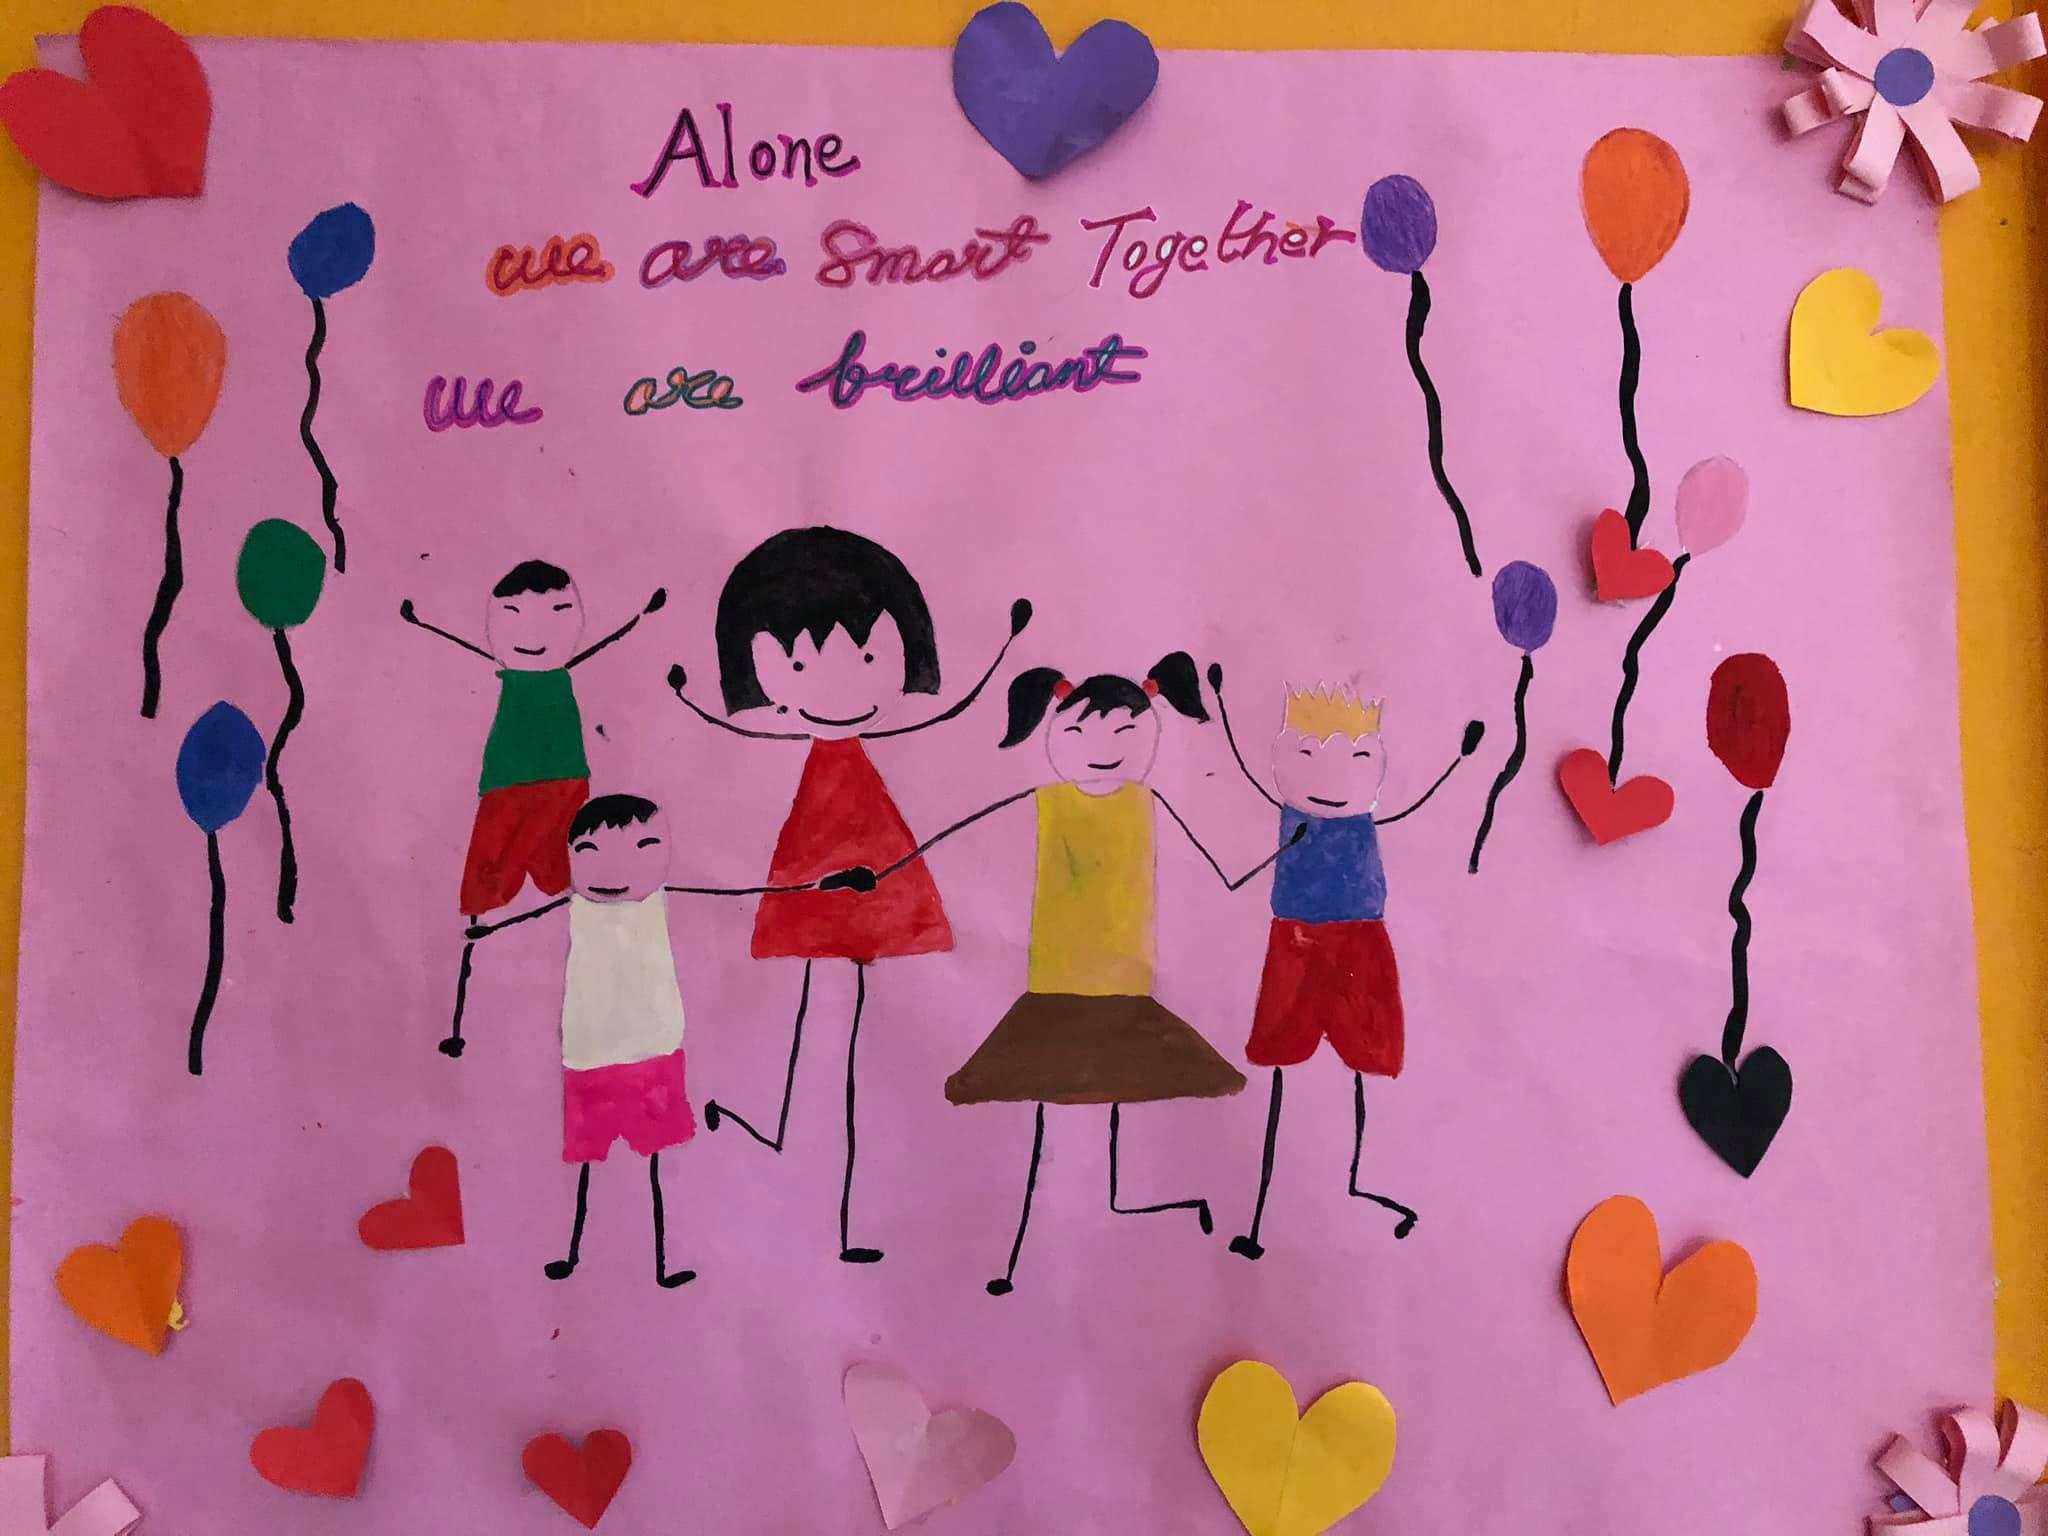 SMD School Childrens Day